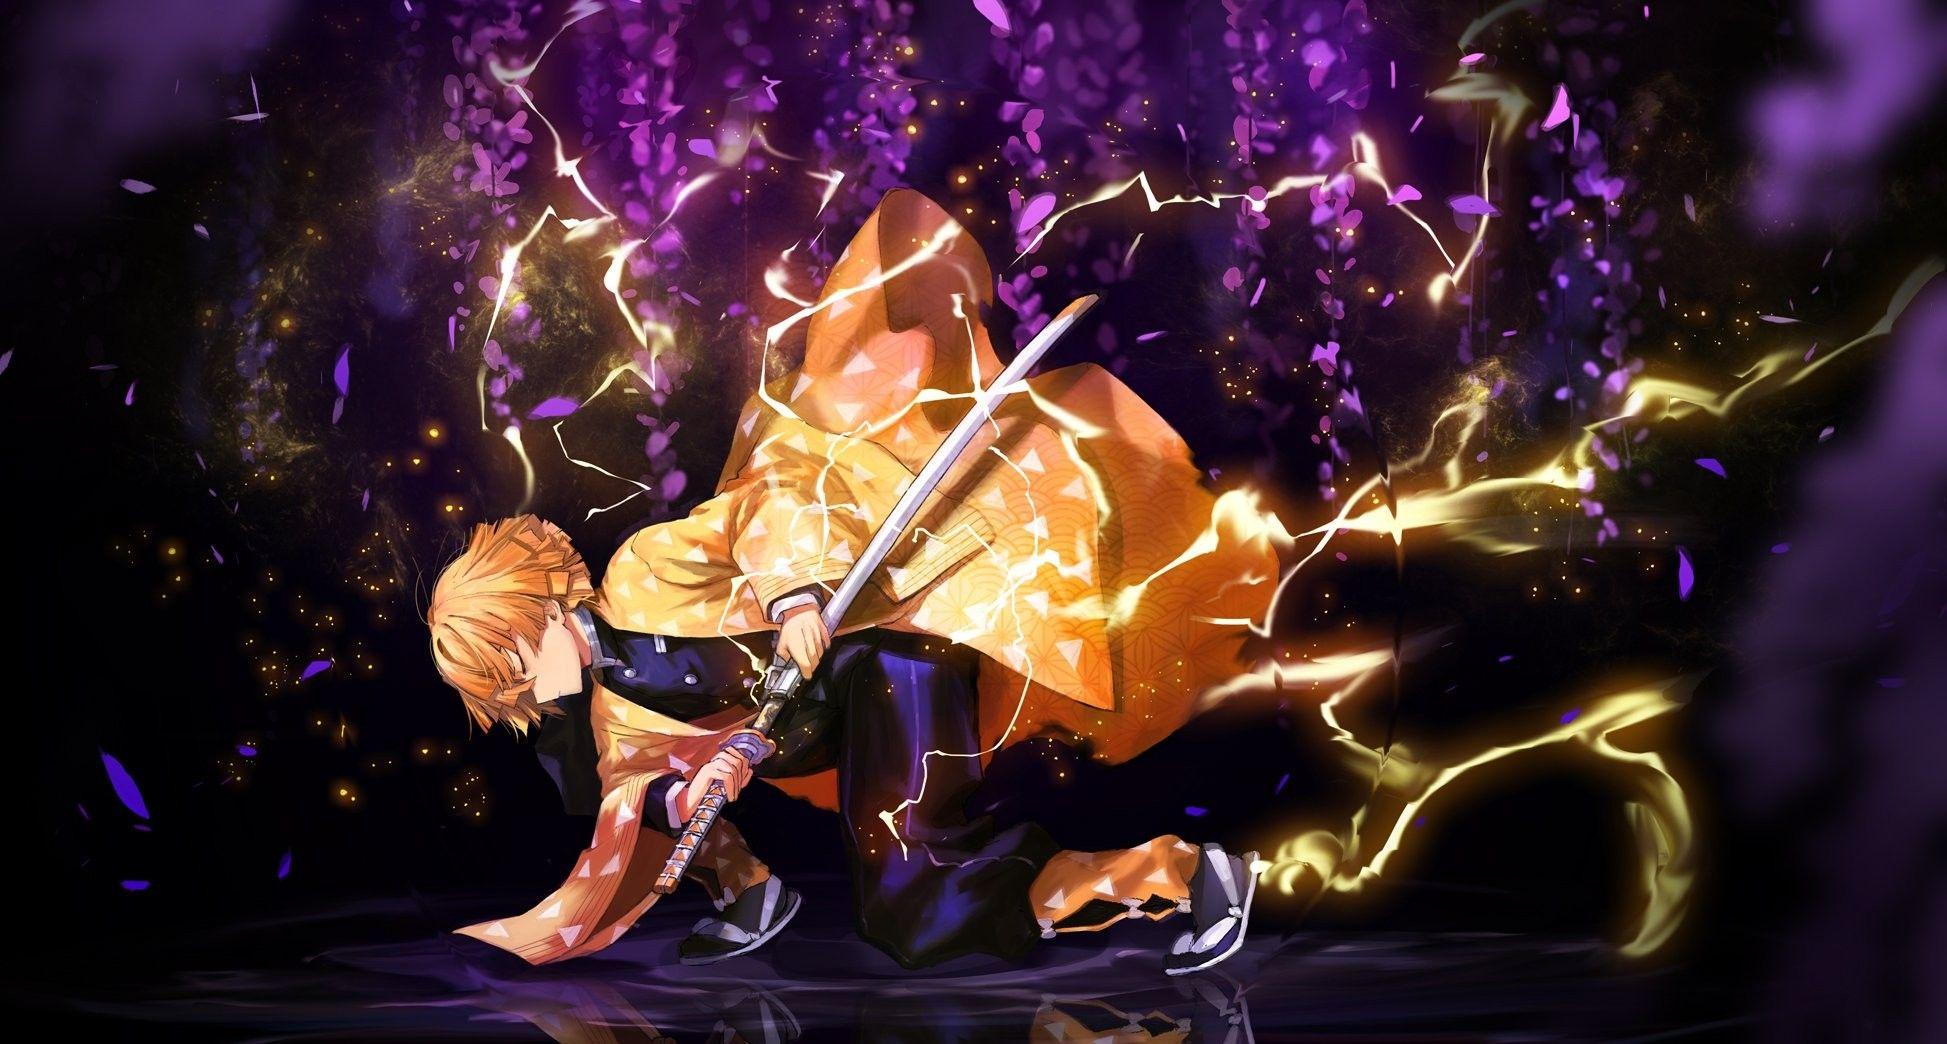 Pin By Mateo Olarte On Kimetsu No Yaiba Demon Slayer Cool Anime Wallpapers Anime Computer Wallpaper Anime Wallpaper 1920x1080